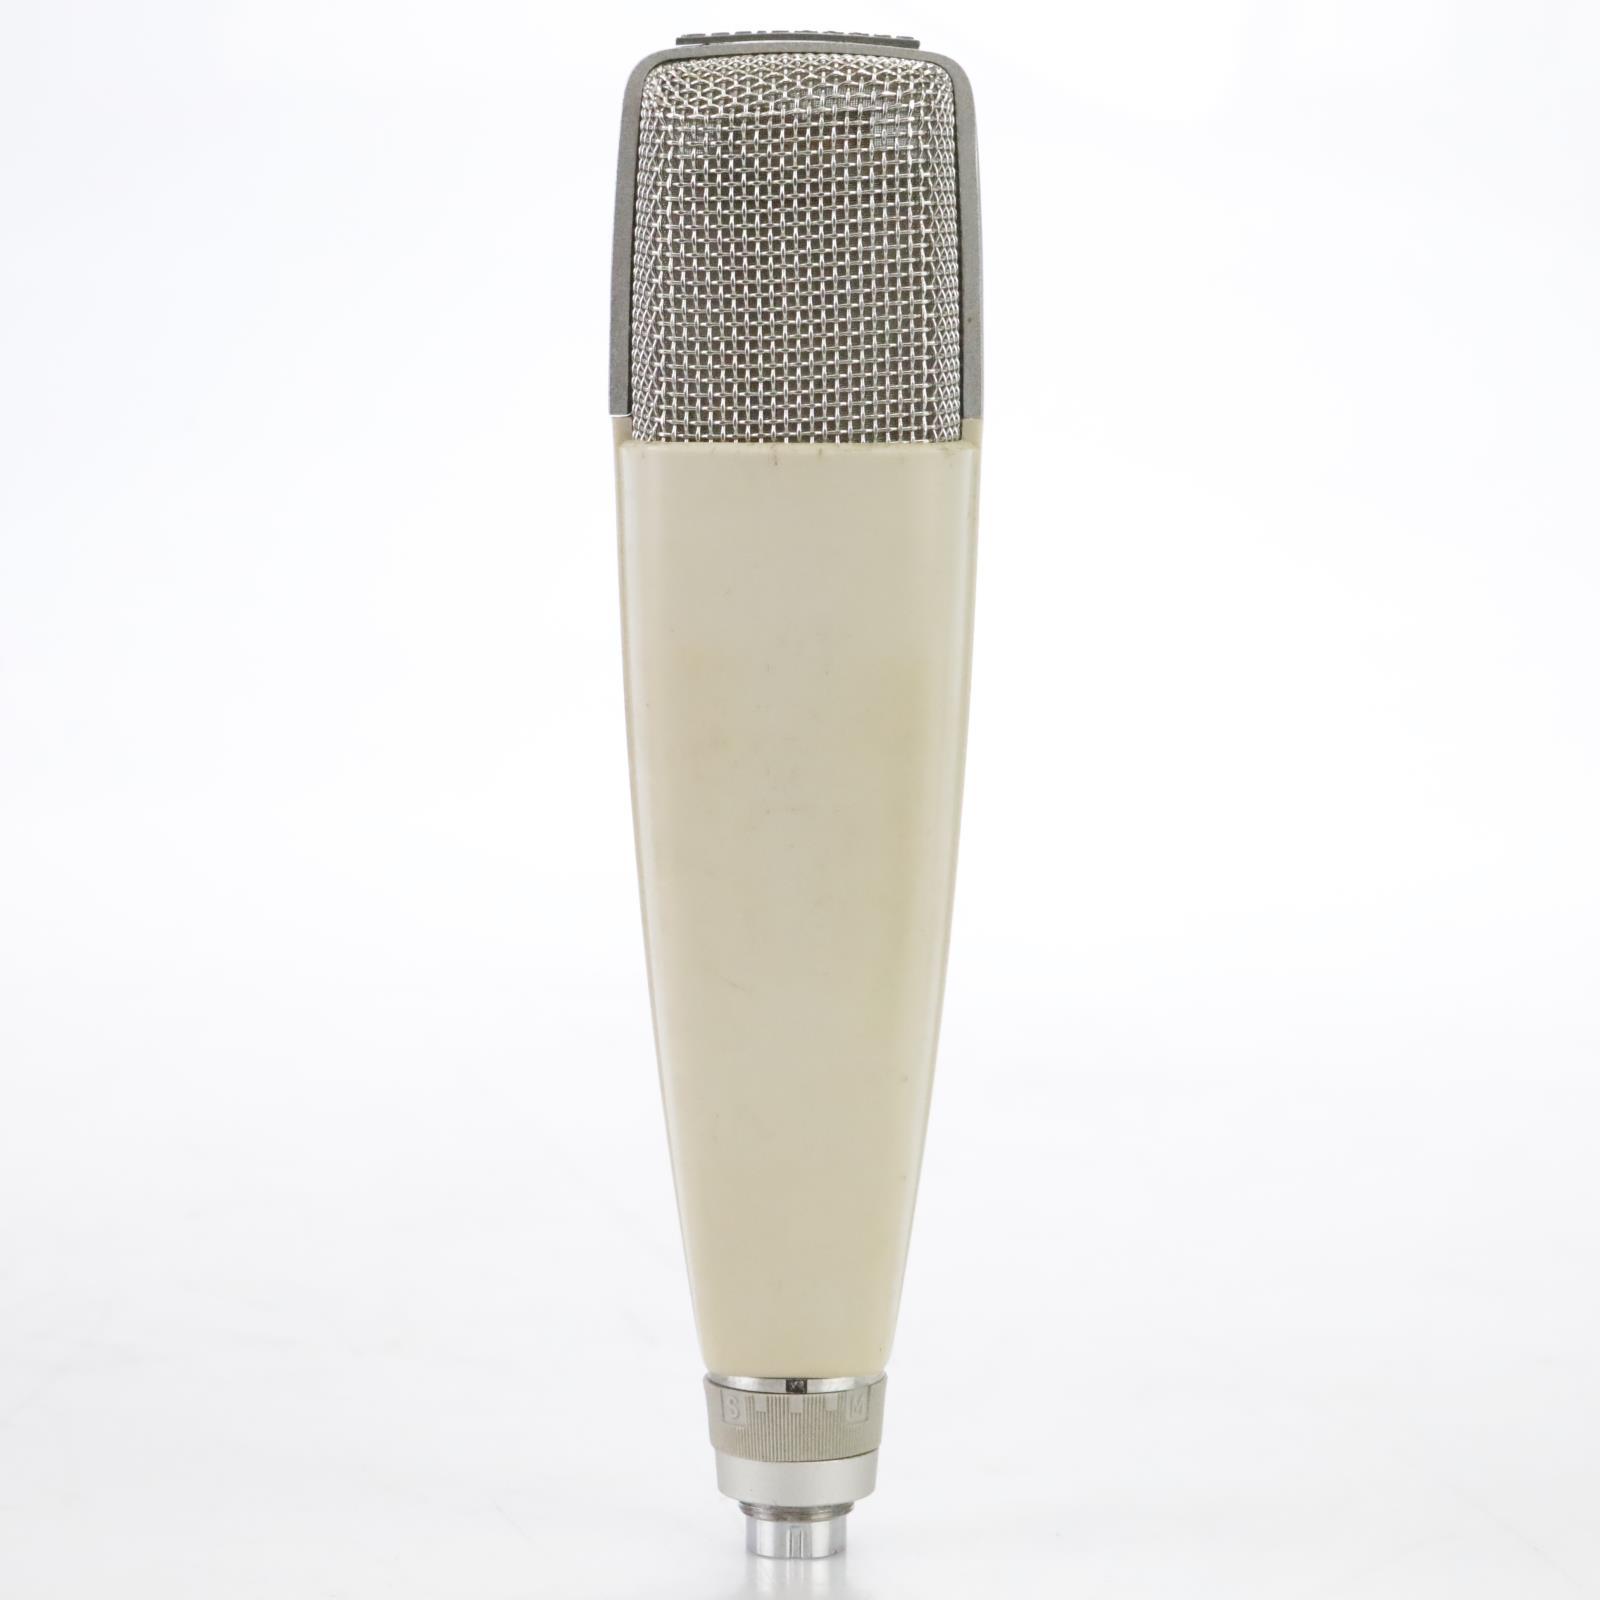 Sennheiser MD421N Beige Microphone Needs Repair Owned By David Roback #44608